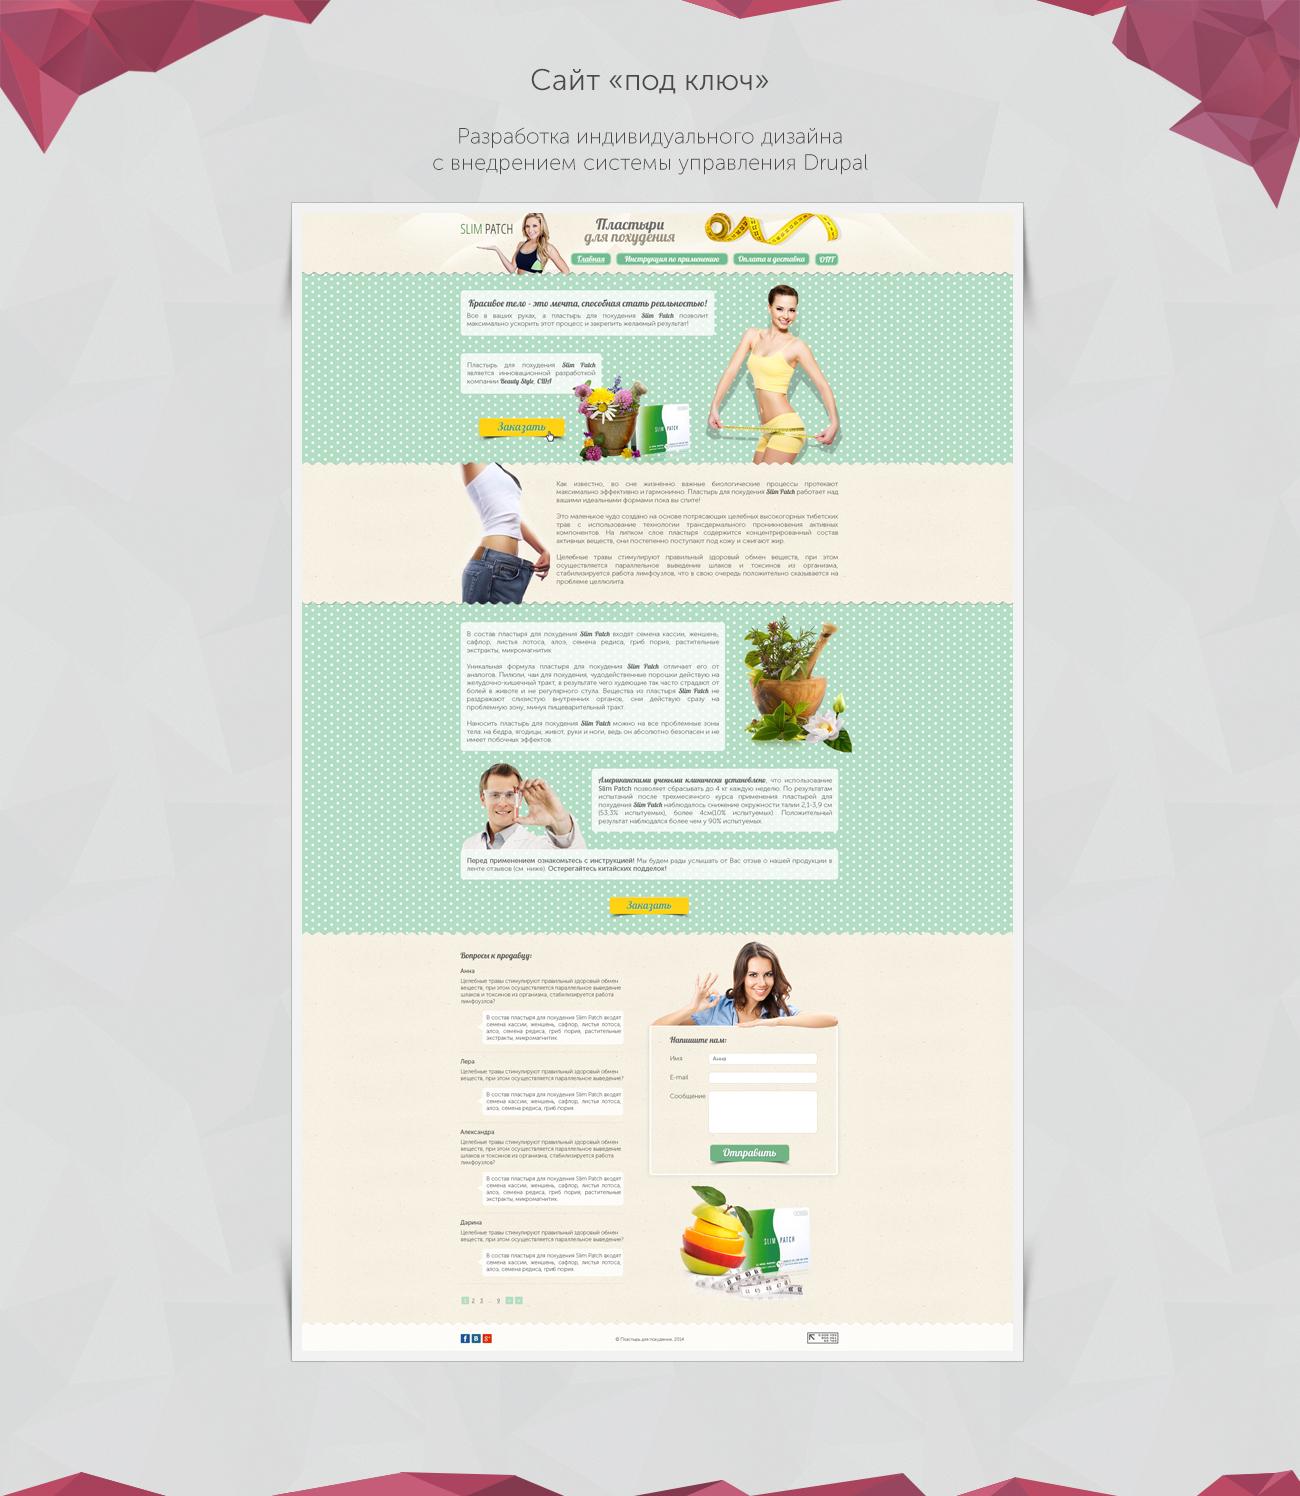 Разработка интернет-магазина (Drupal)